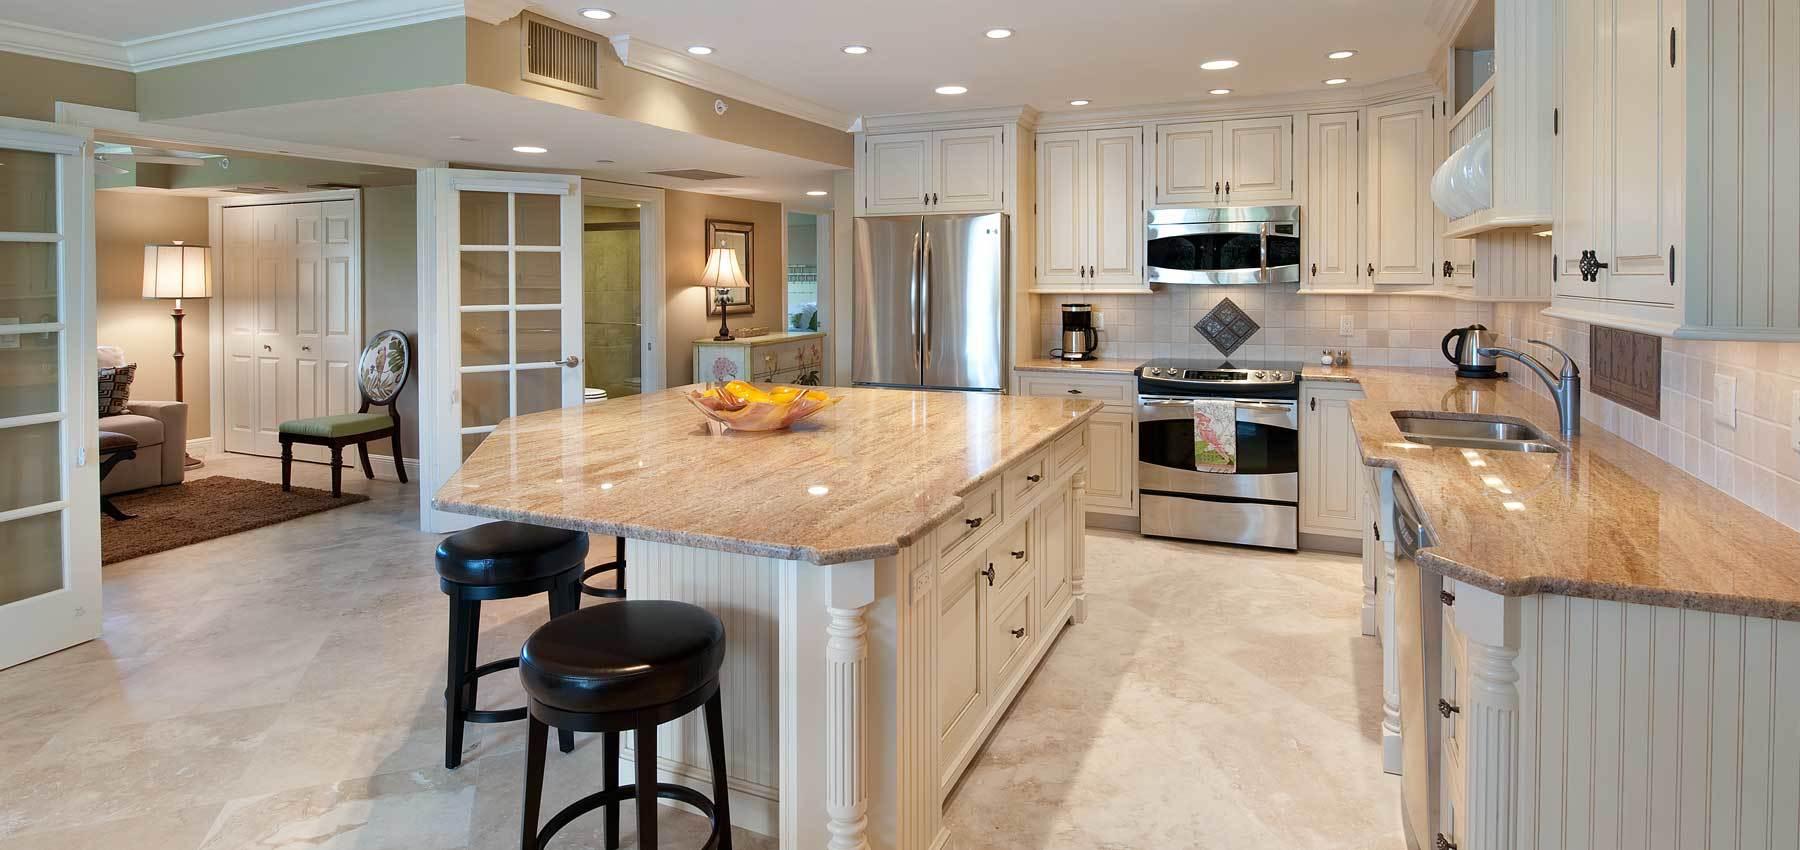 kitchen remodeling - kgt remodeling